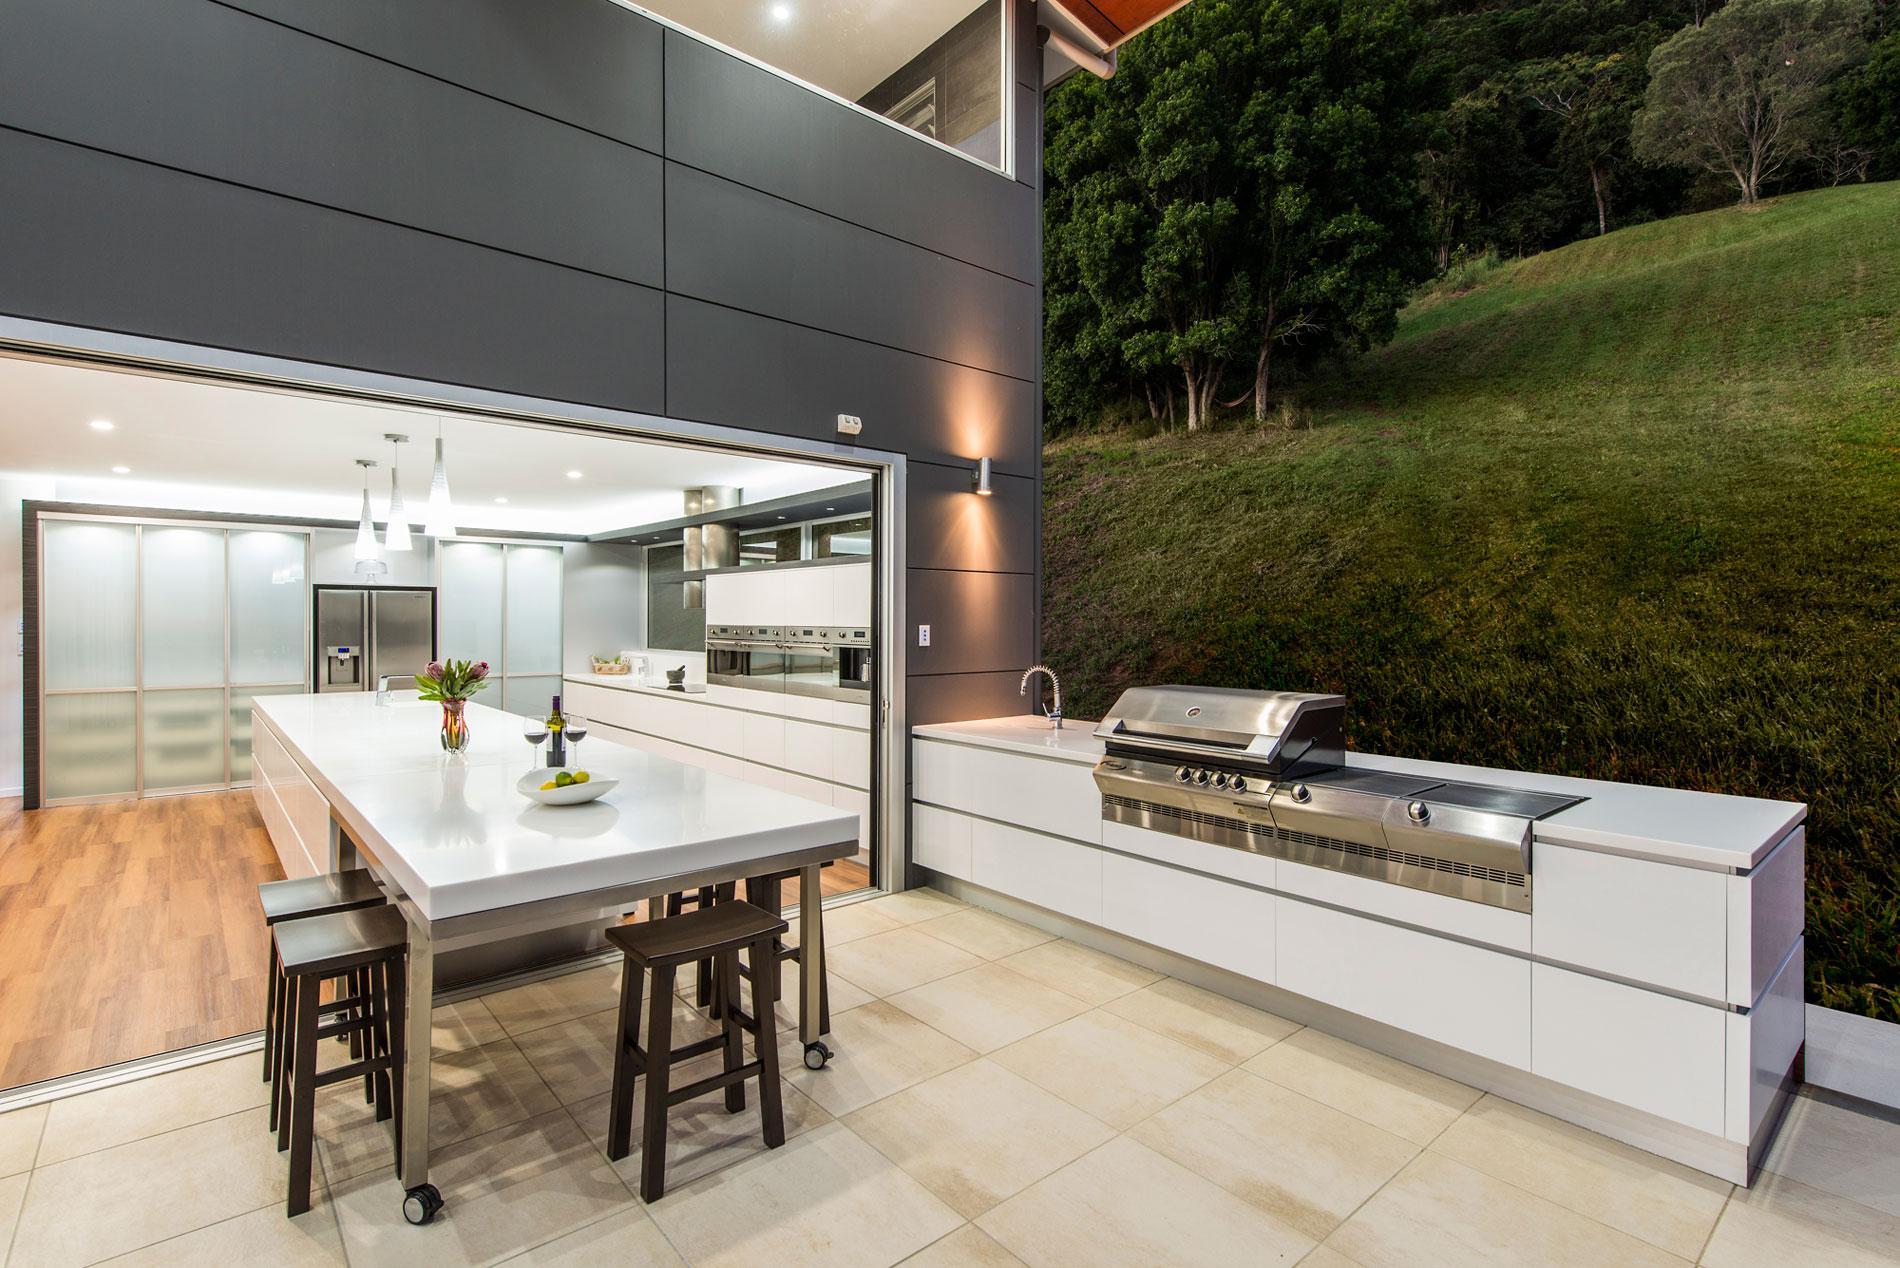 Ampliando o espaço da cozinha